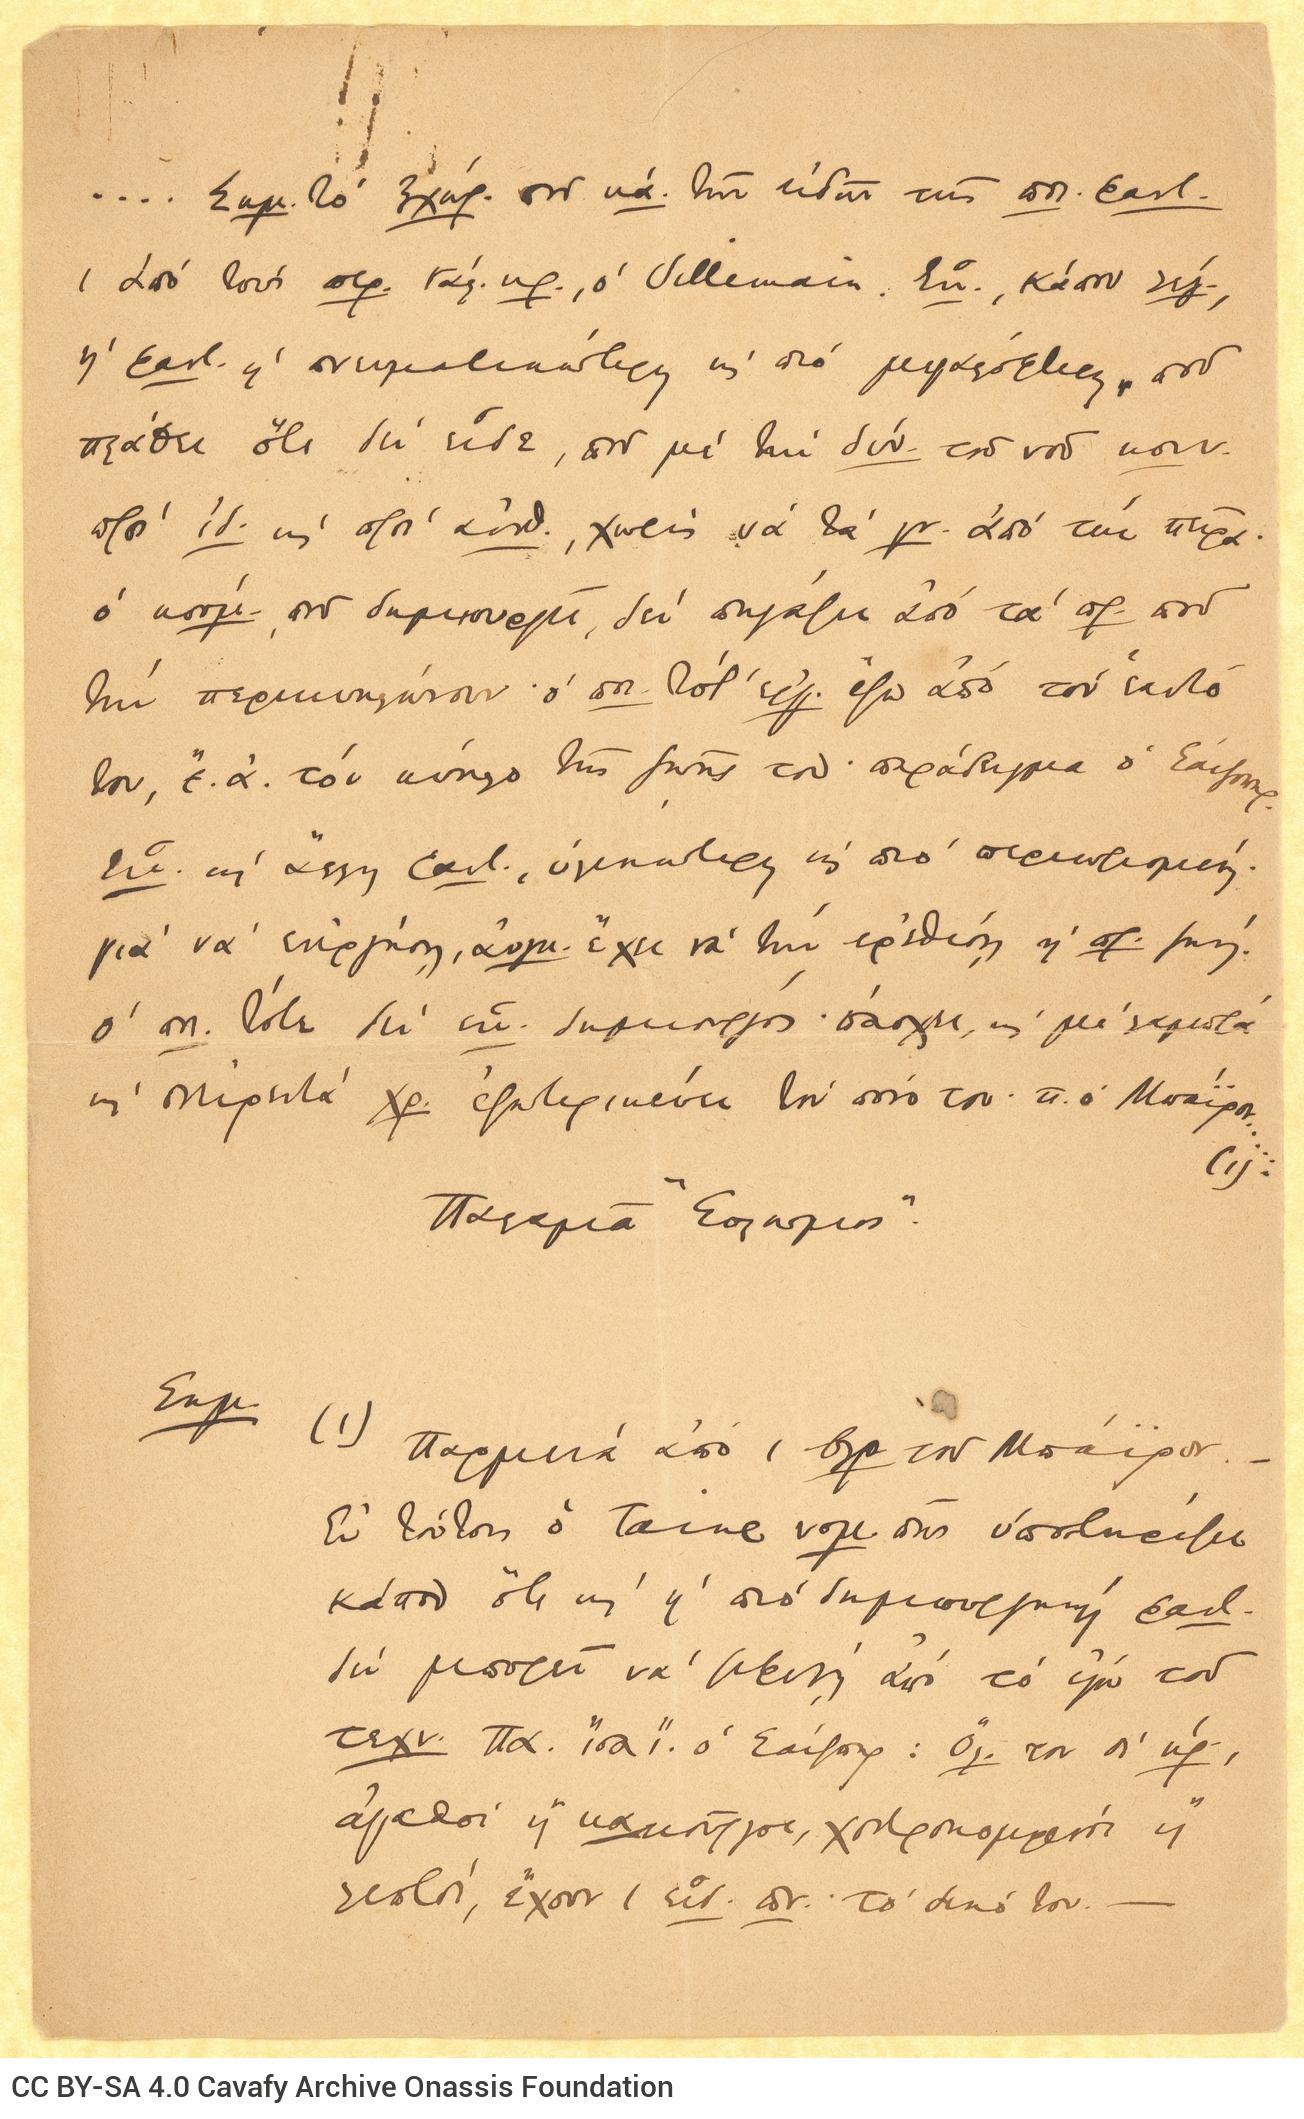 Χειρόγραφο σημείωμα στη μία όψη φύλλου. Το verso κενό. Υποσημείωση. Πρ